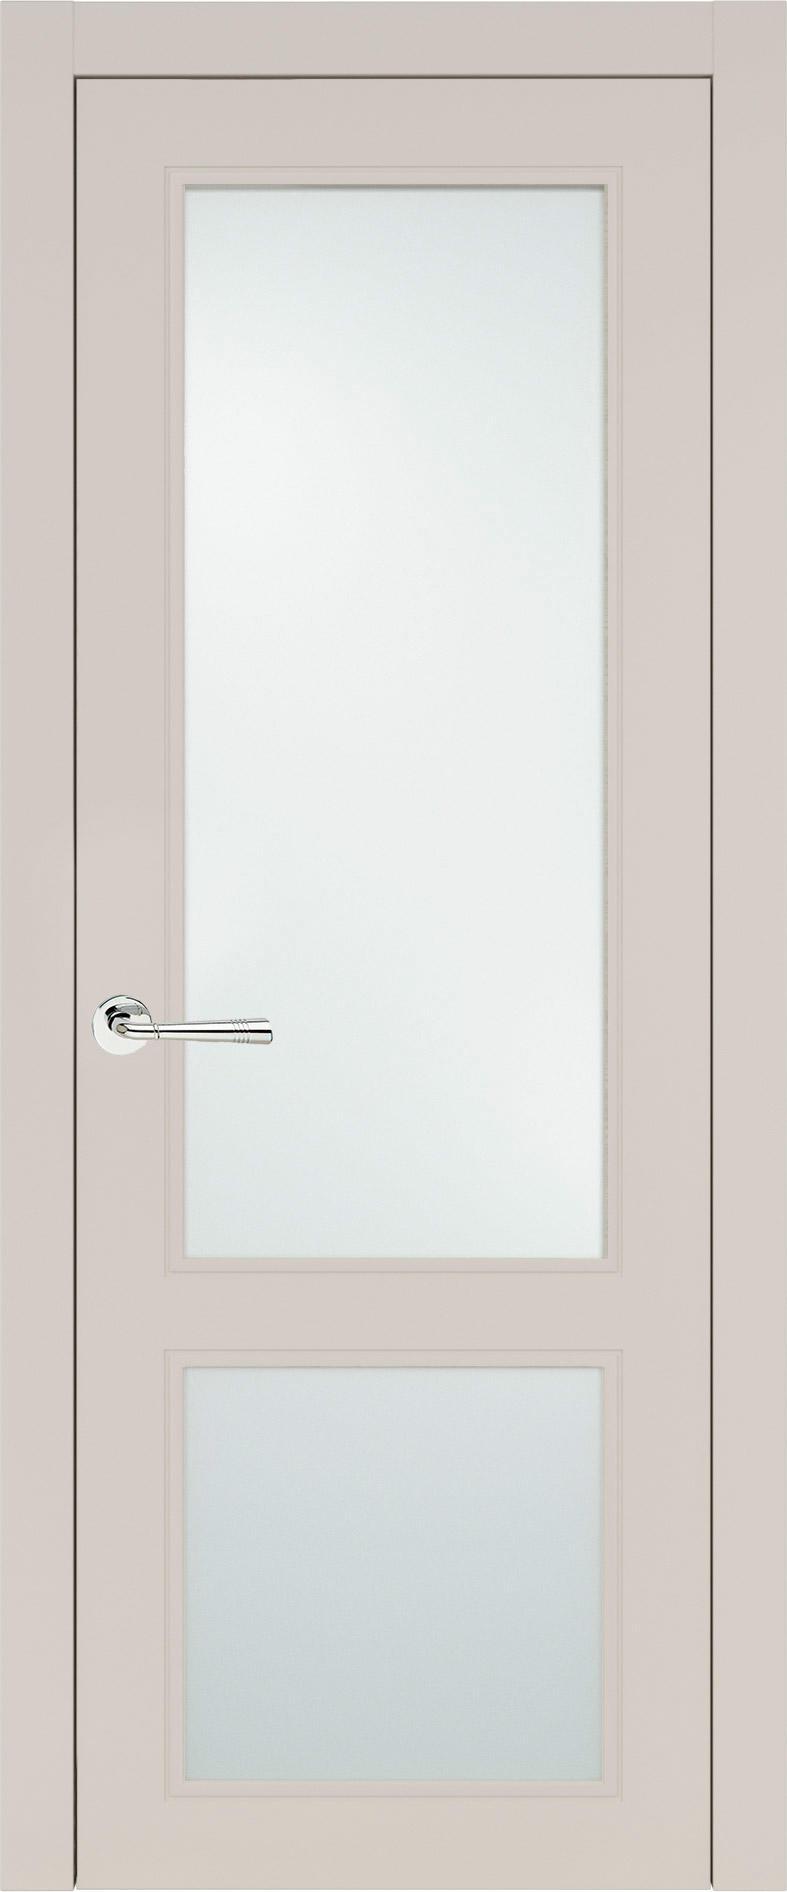 Dinastia Neo Classic цвет - Жемчужная эмаль (RAL 1013) Со стеклом (ДО)